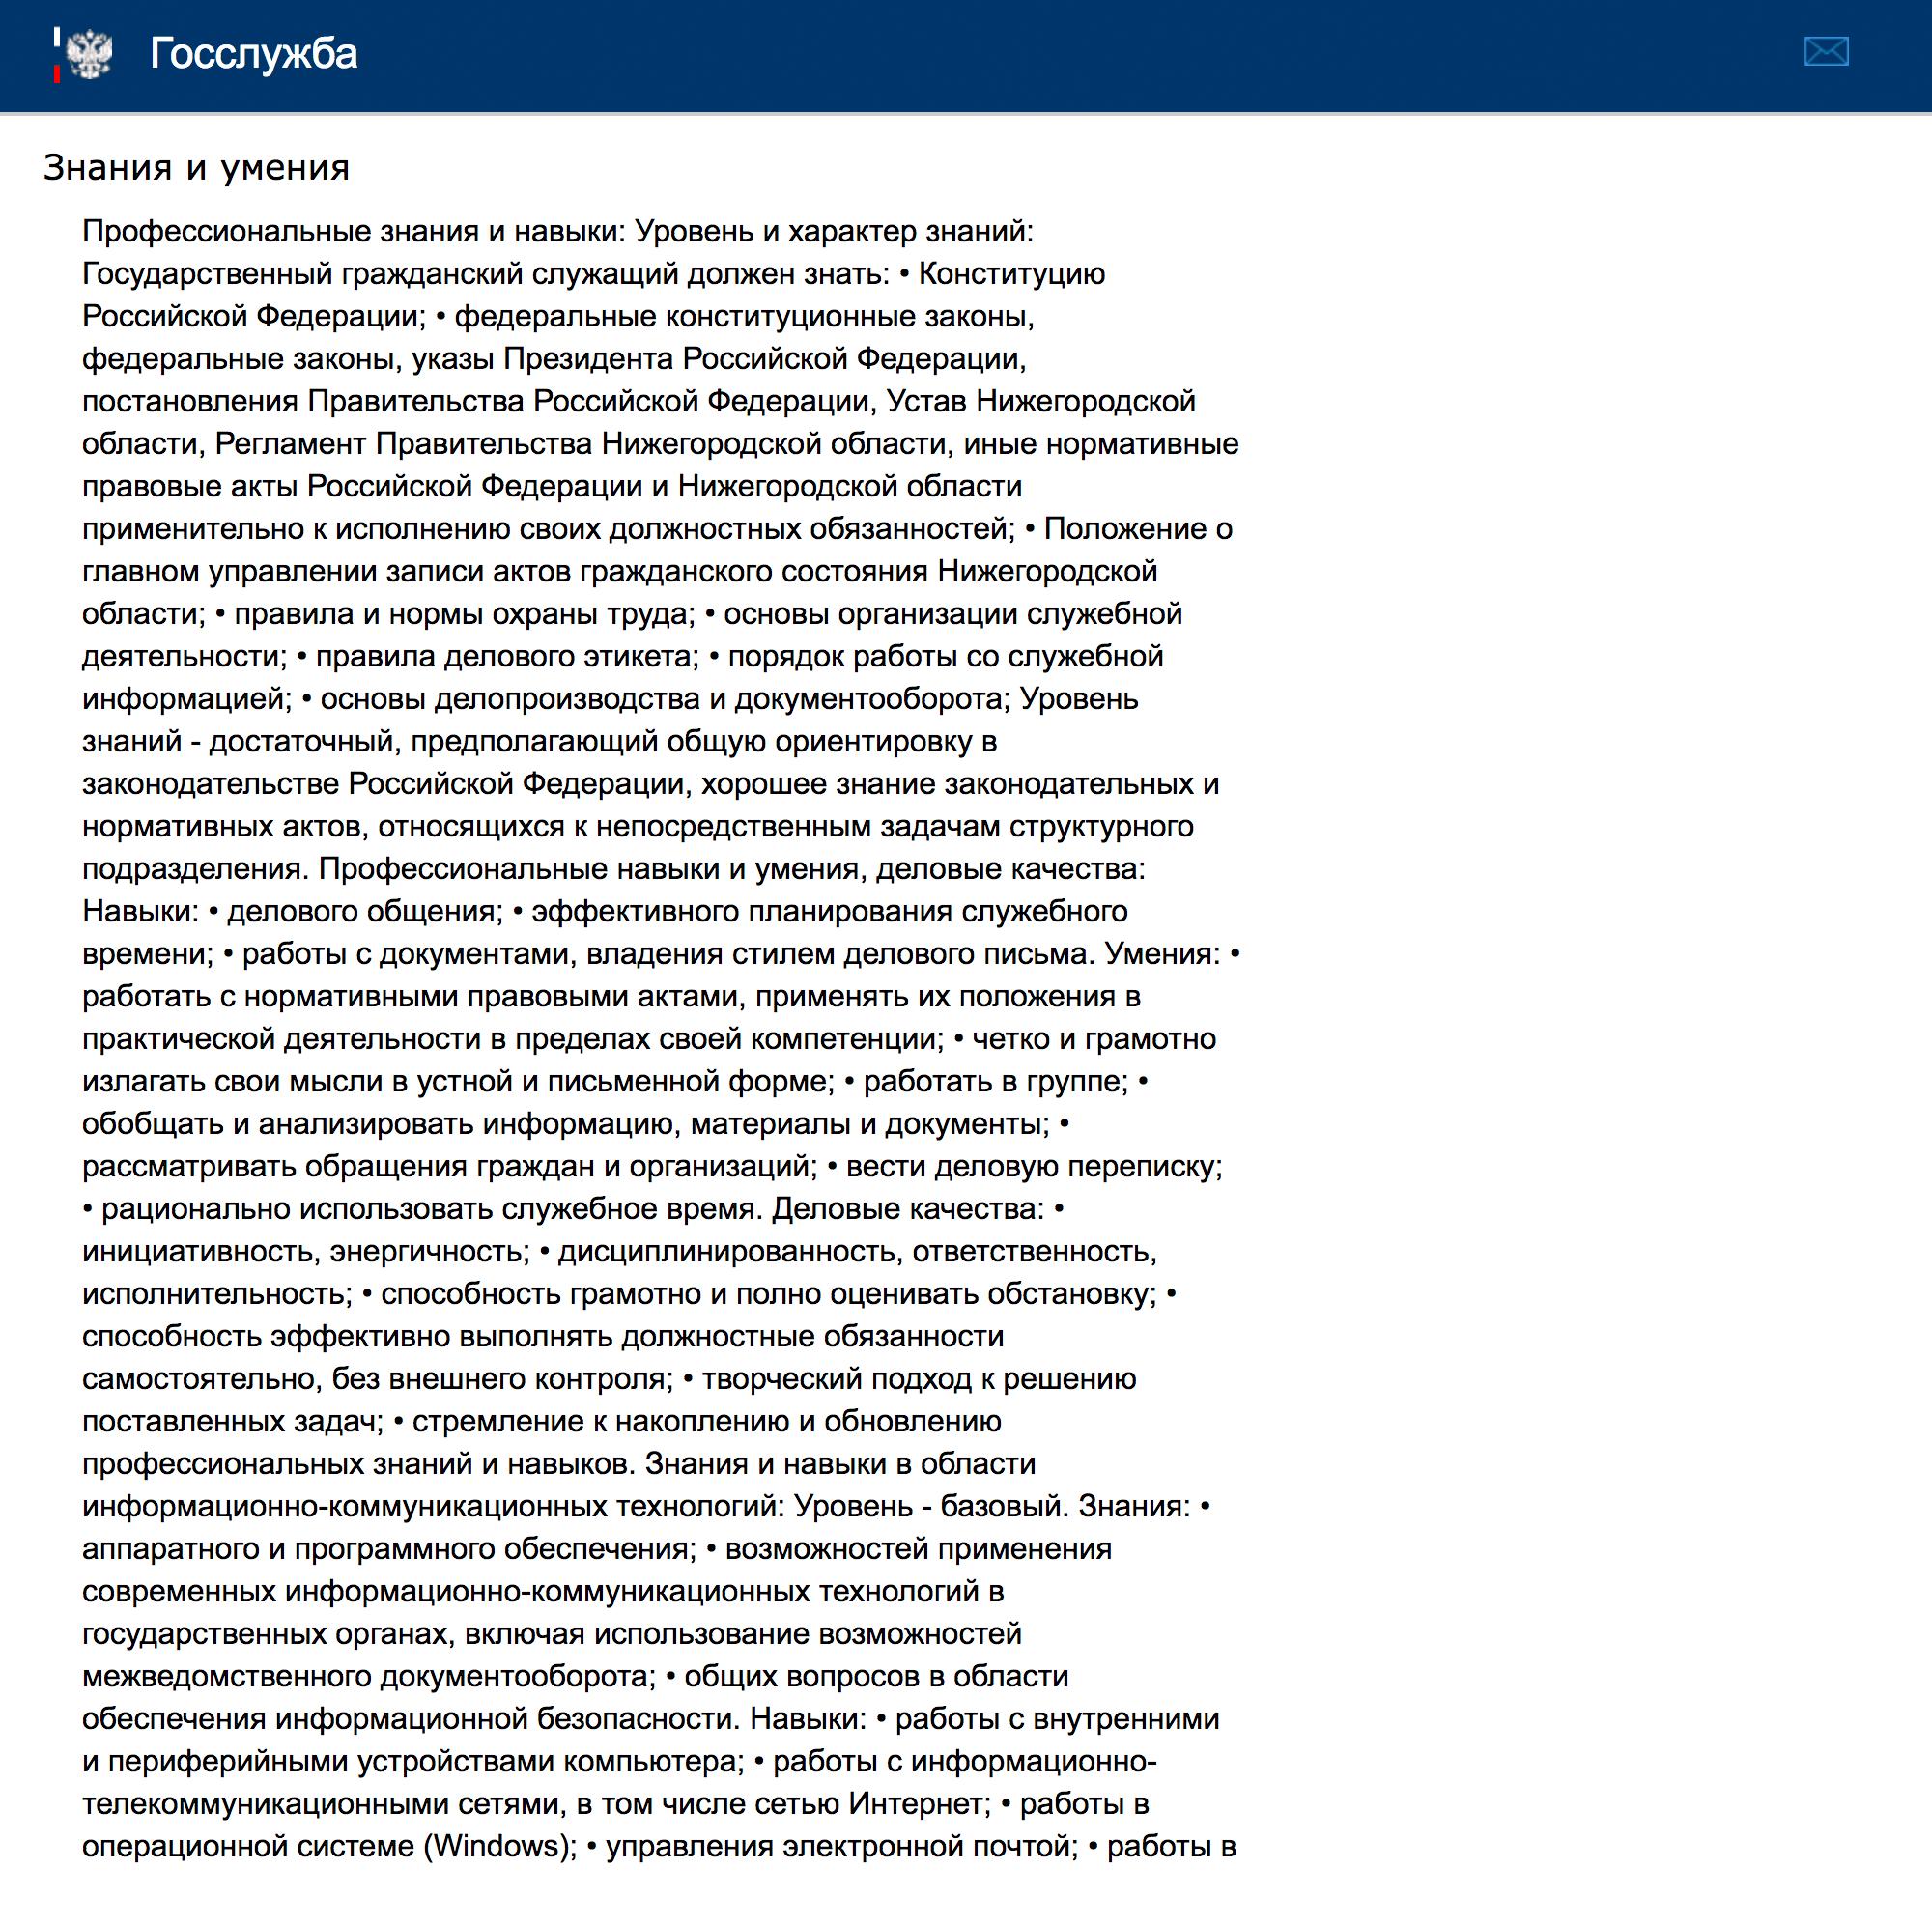 Это неполный список требований к соискателю